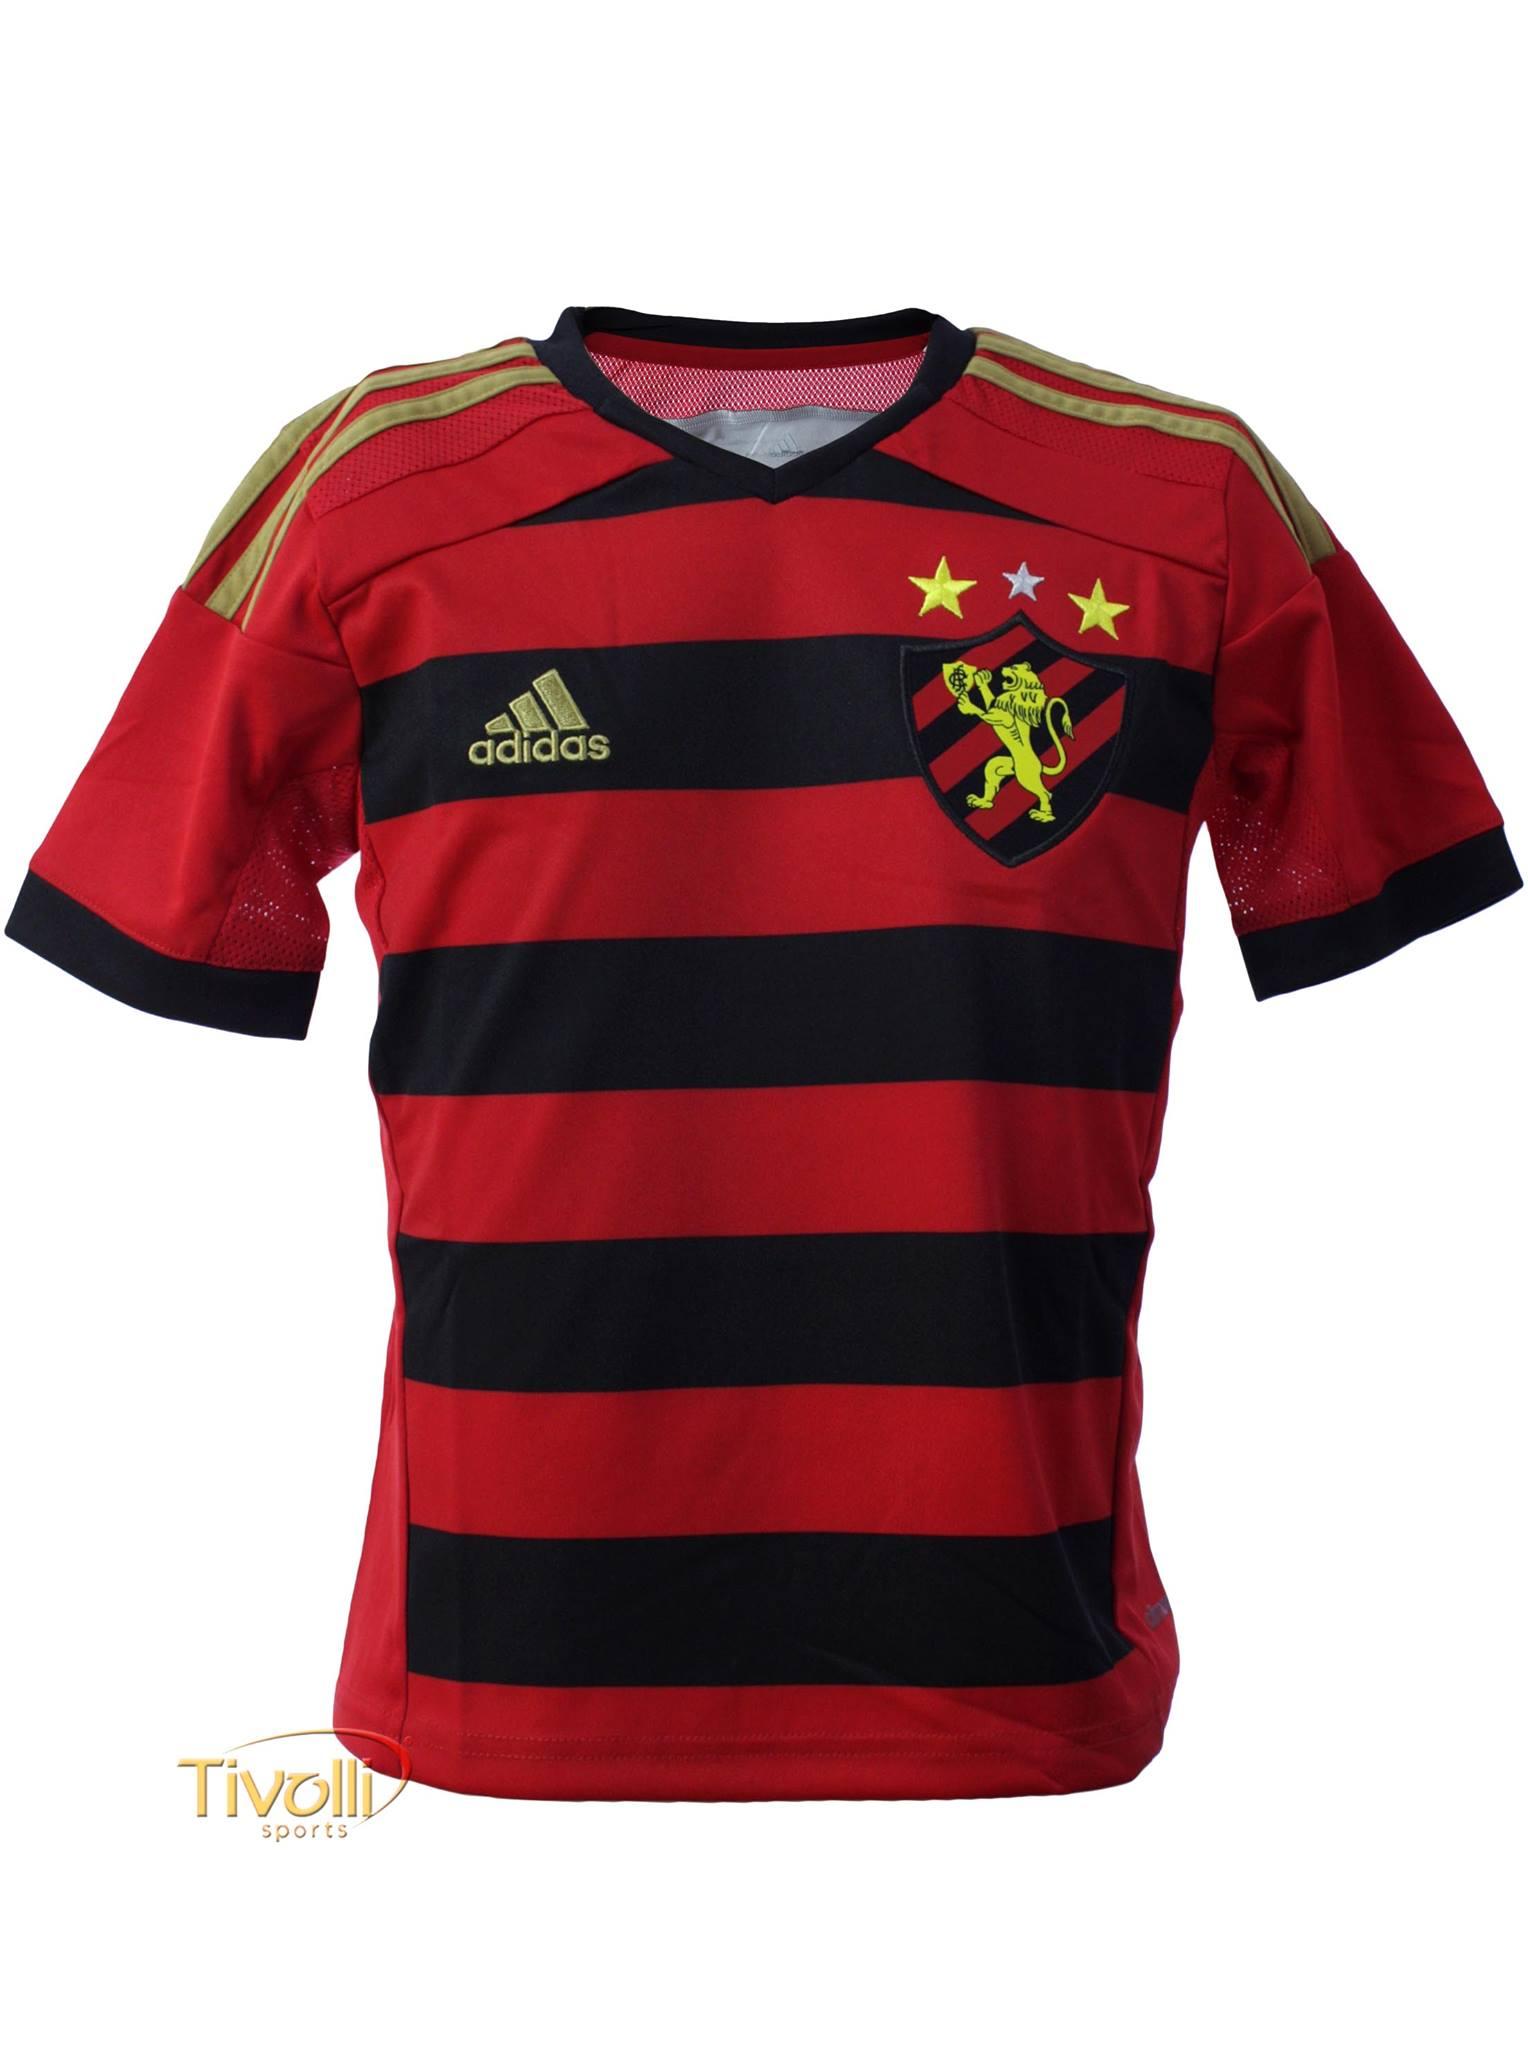 4426daf1f Camisa Sport Recife I 2014 Infantil Adidas > - Mega Saldão >